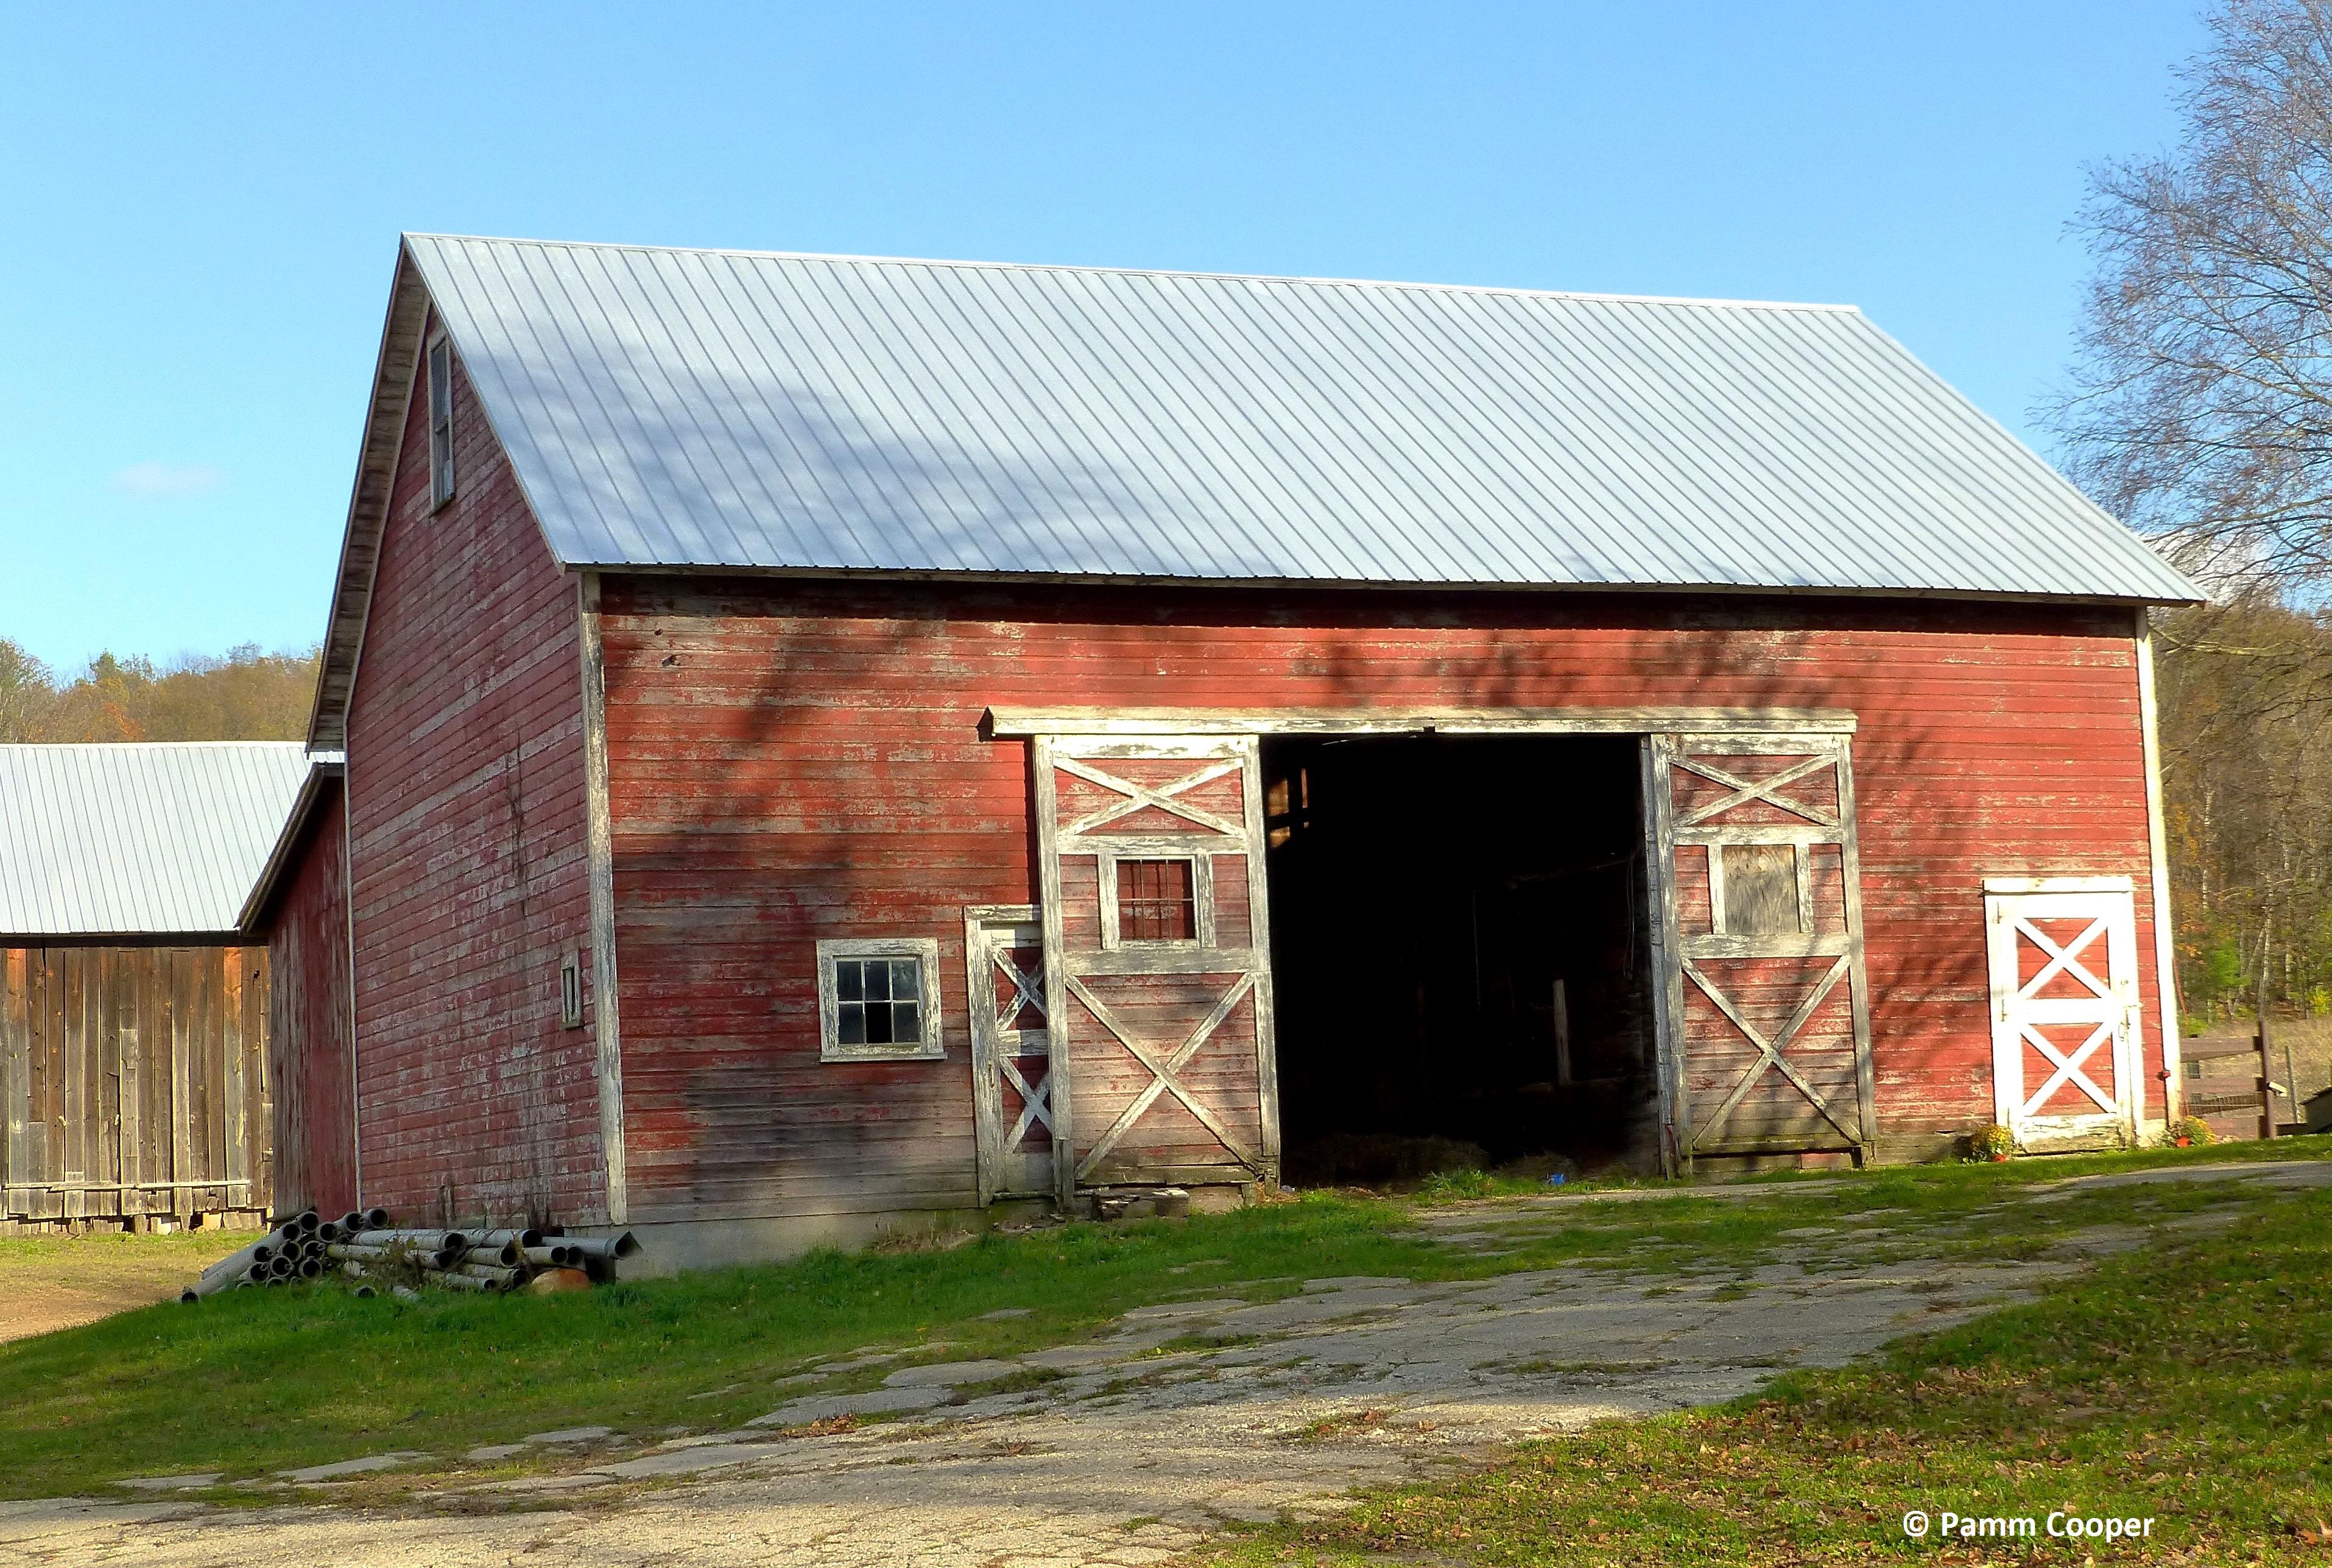 barn with open door jarmoc farms Enfield - Copy